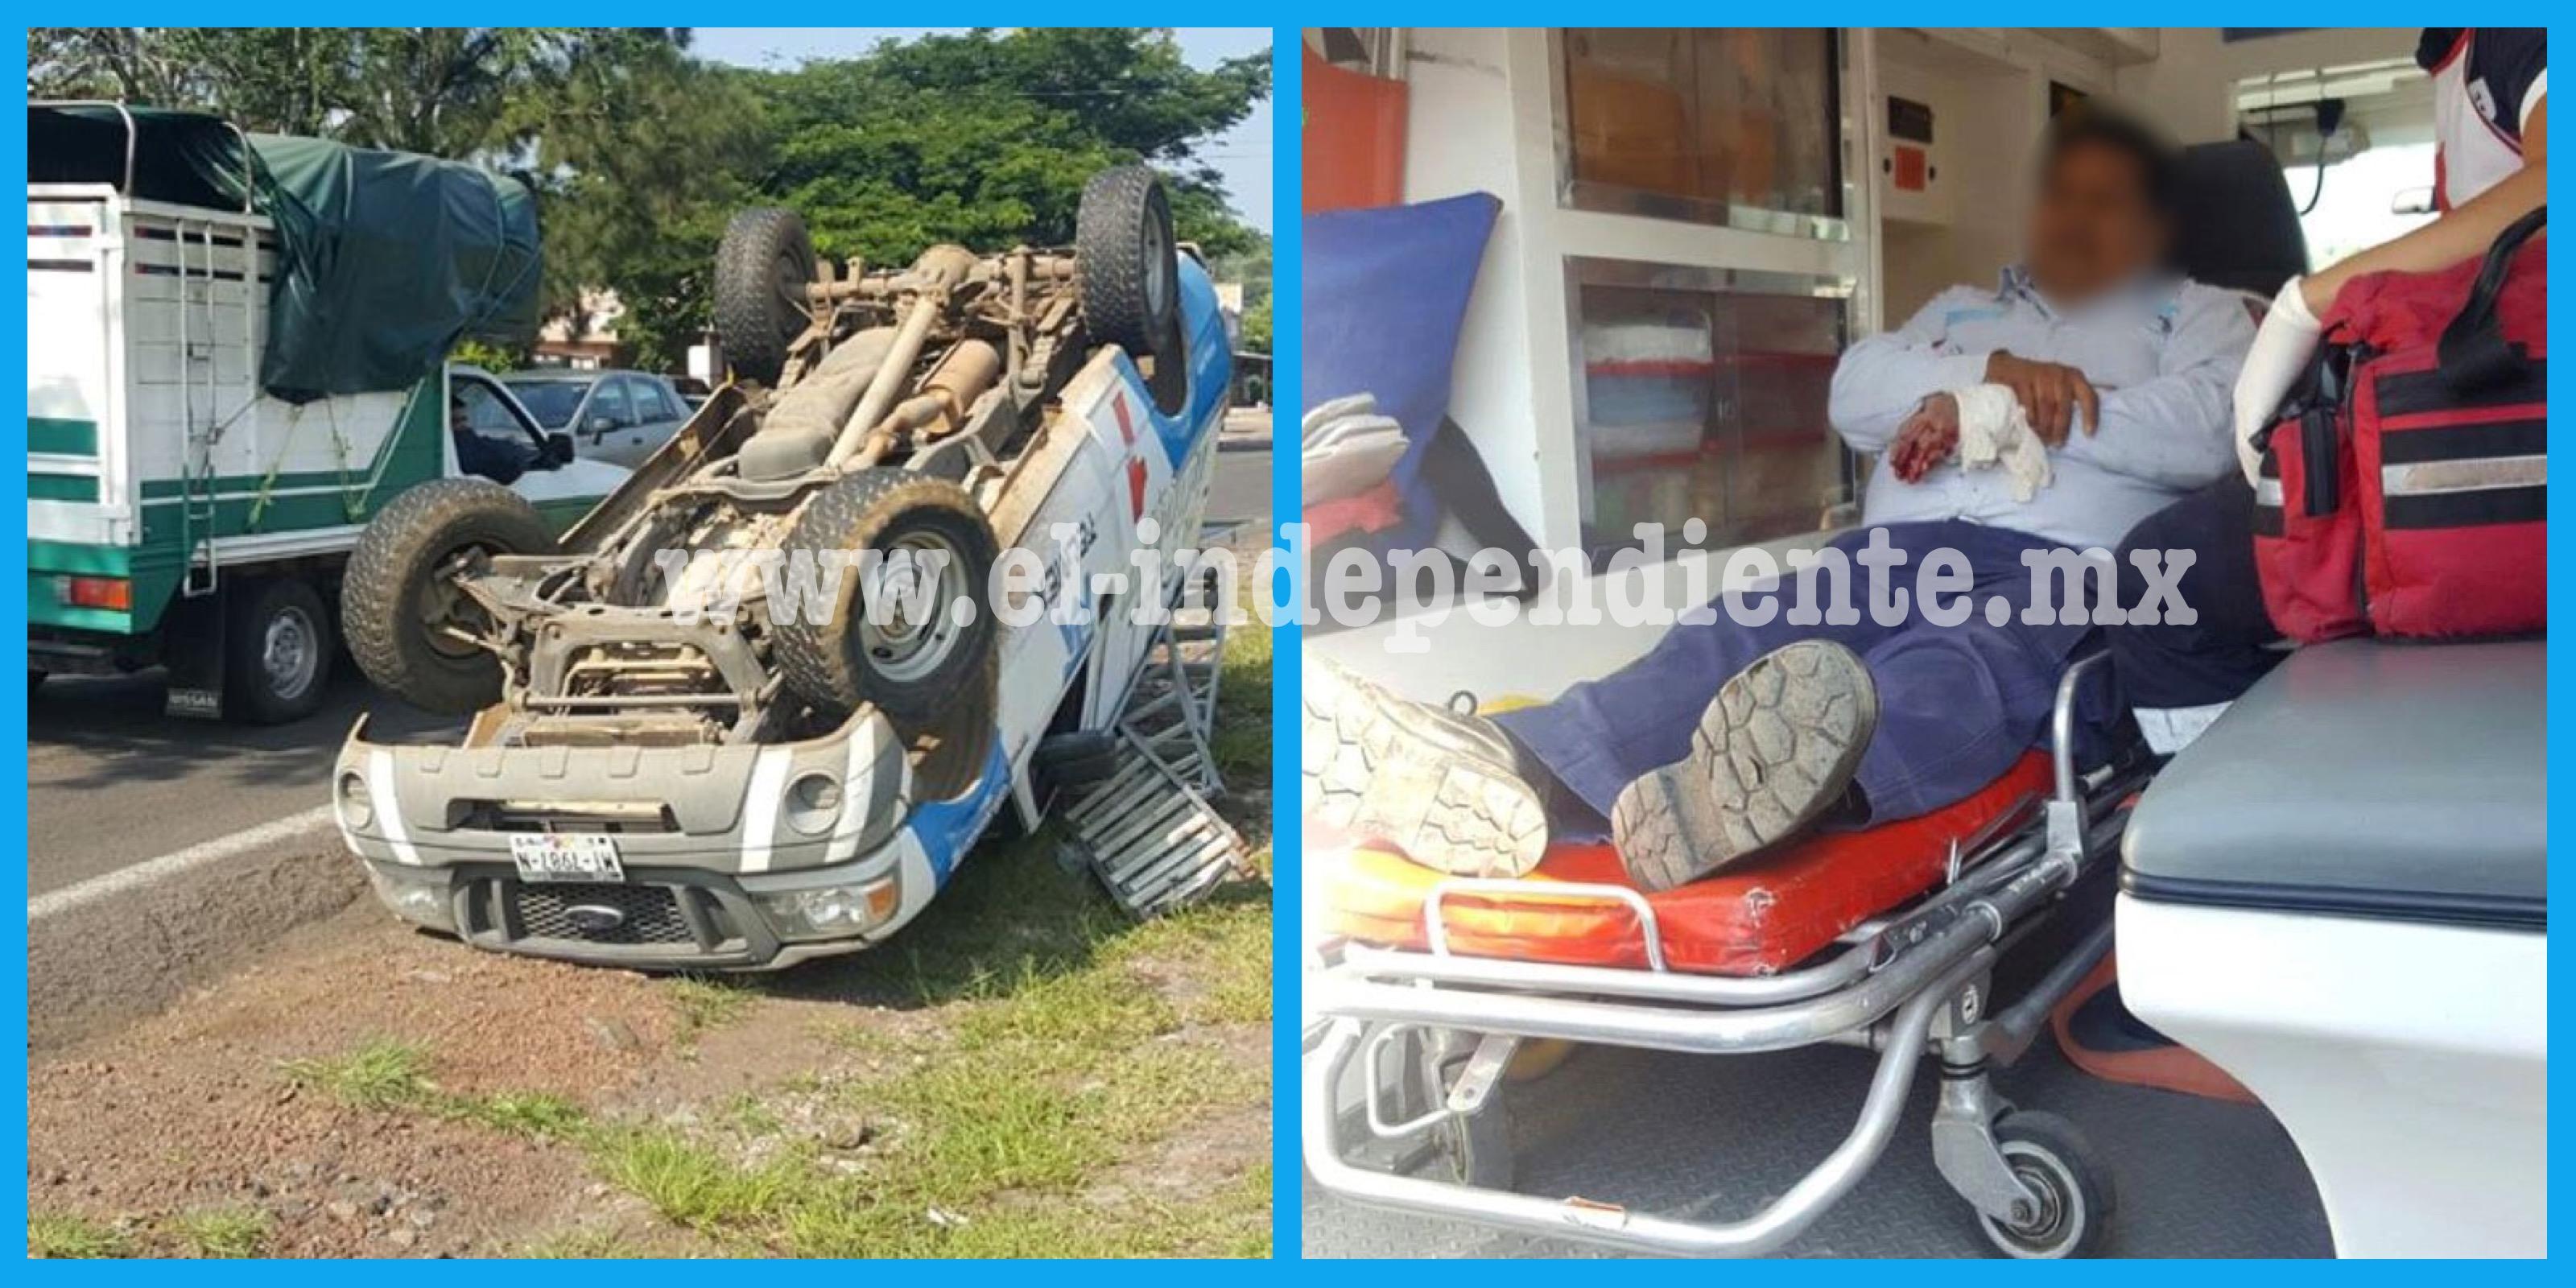 Camioneta de Telmex vuelca tras ser golpeada por otro auto en Jacona